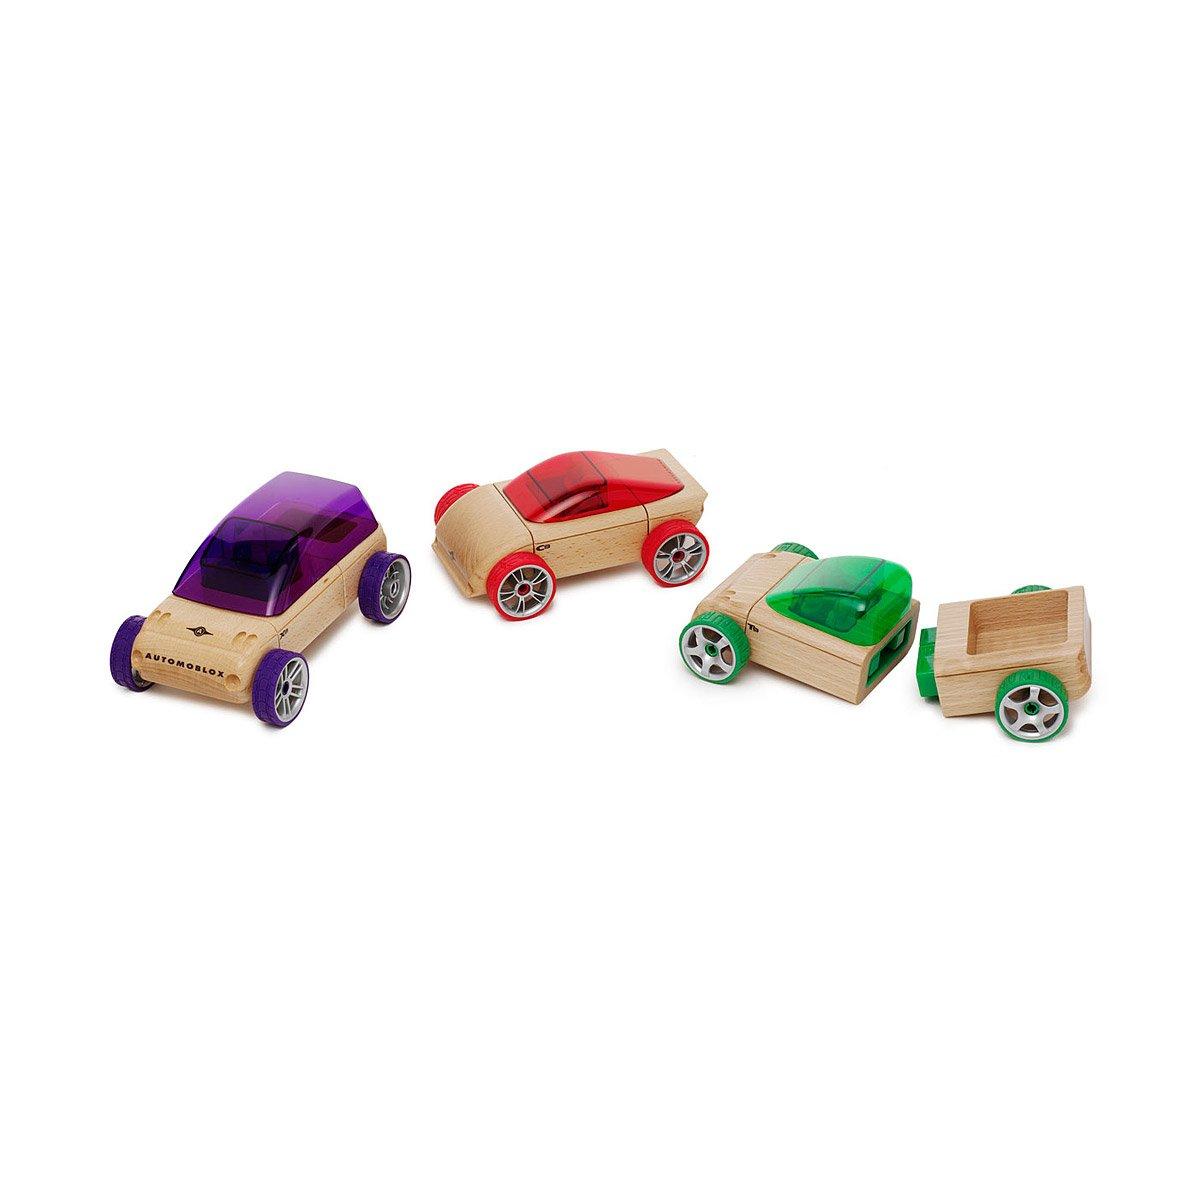 Automoblox | Automoblox Interchangeable Wood Car Parts Educational